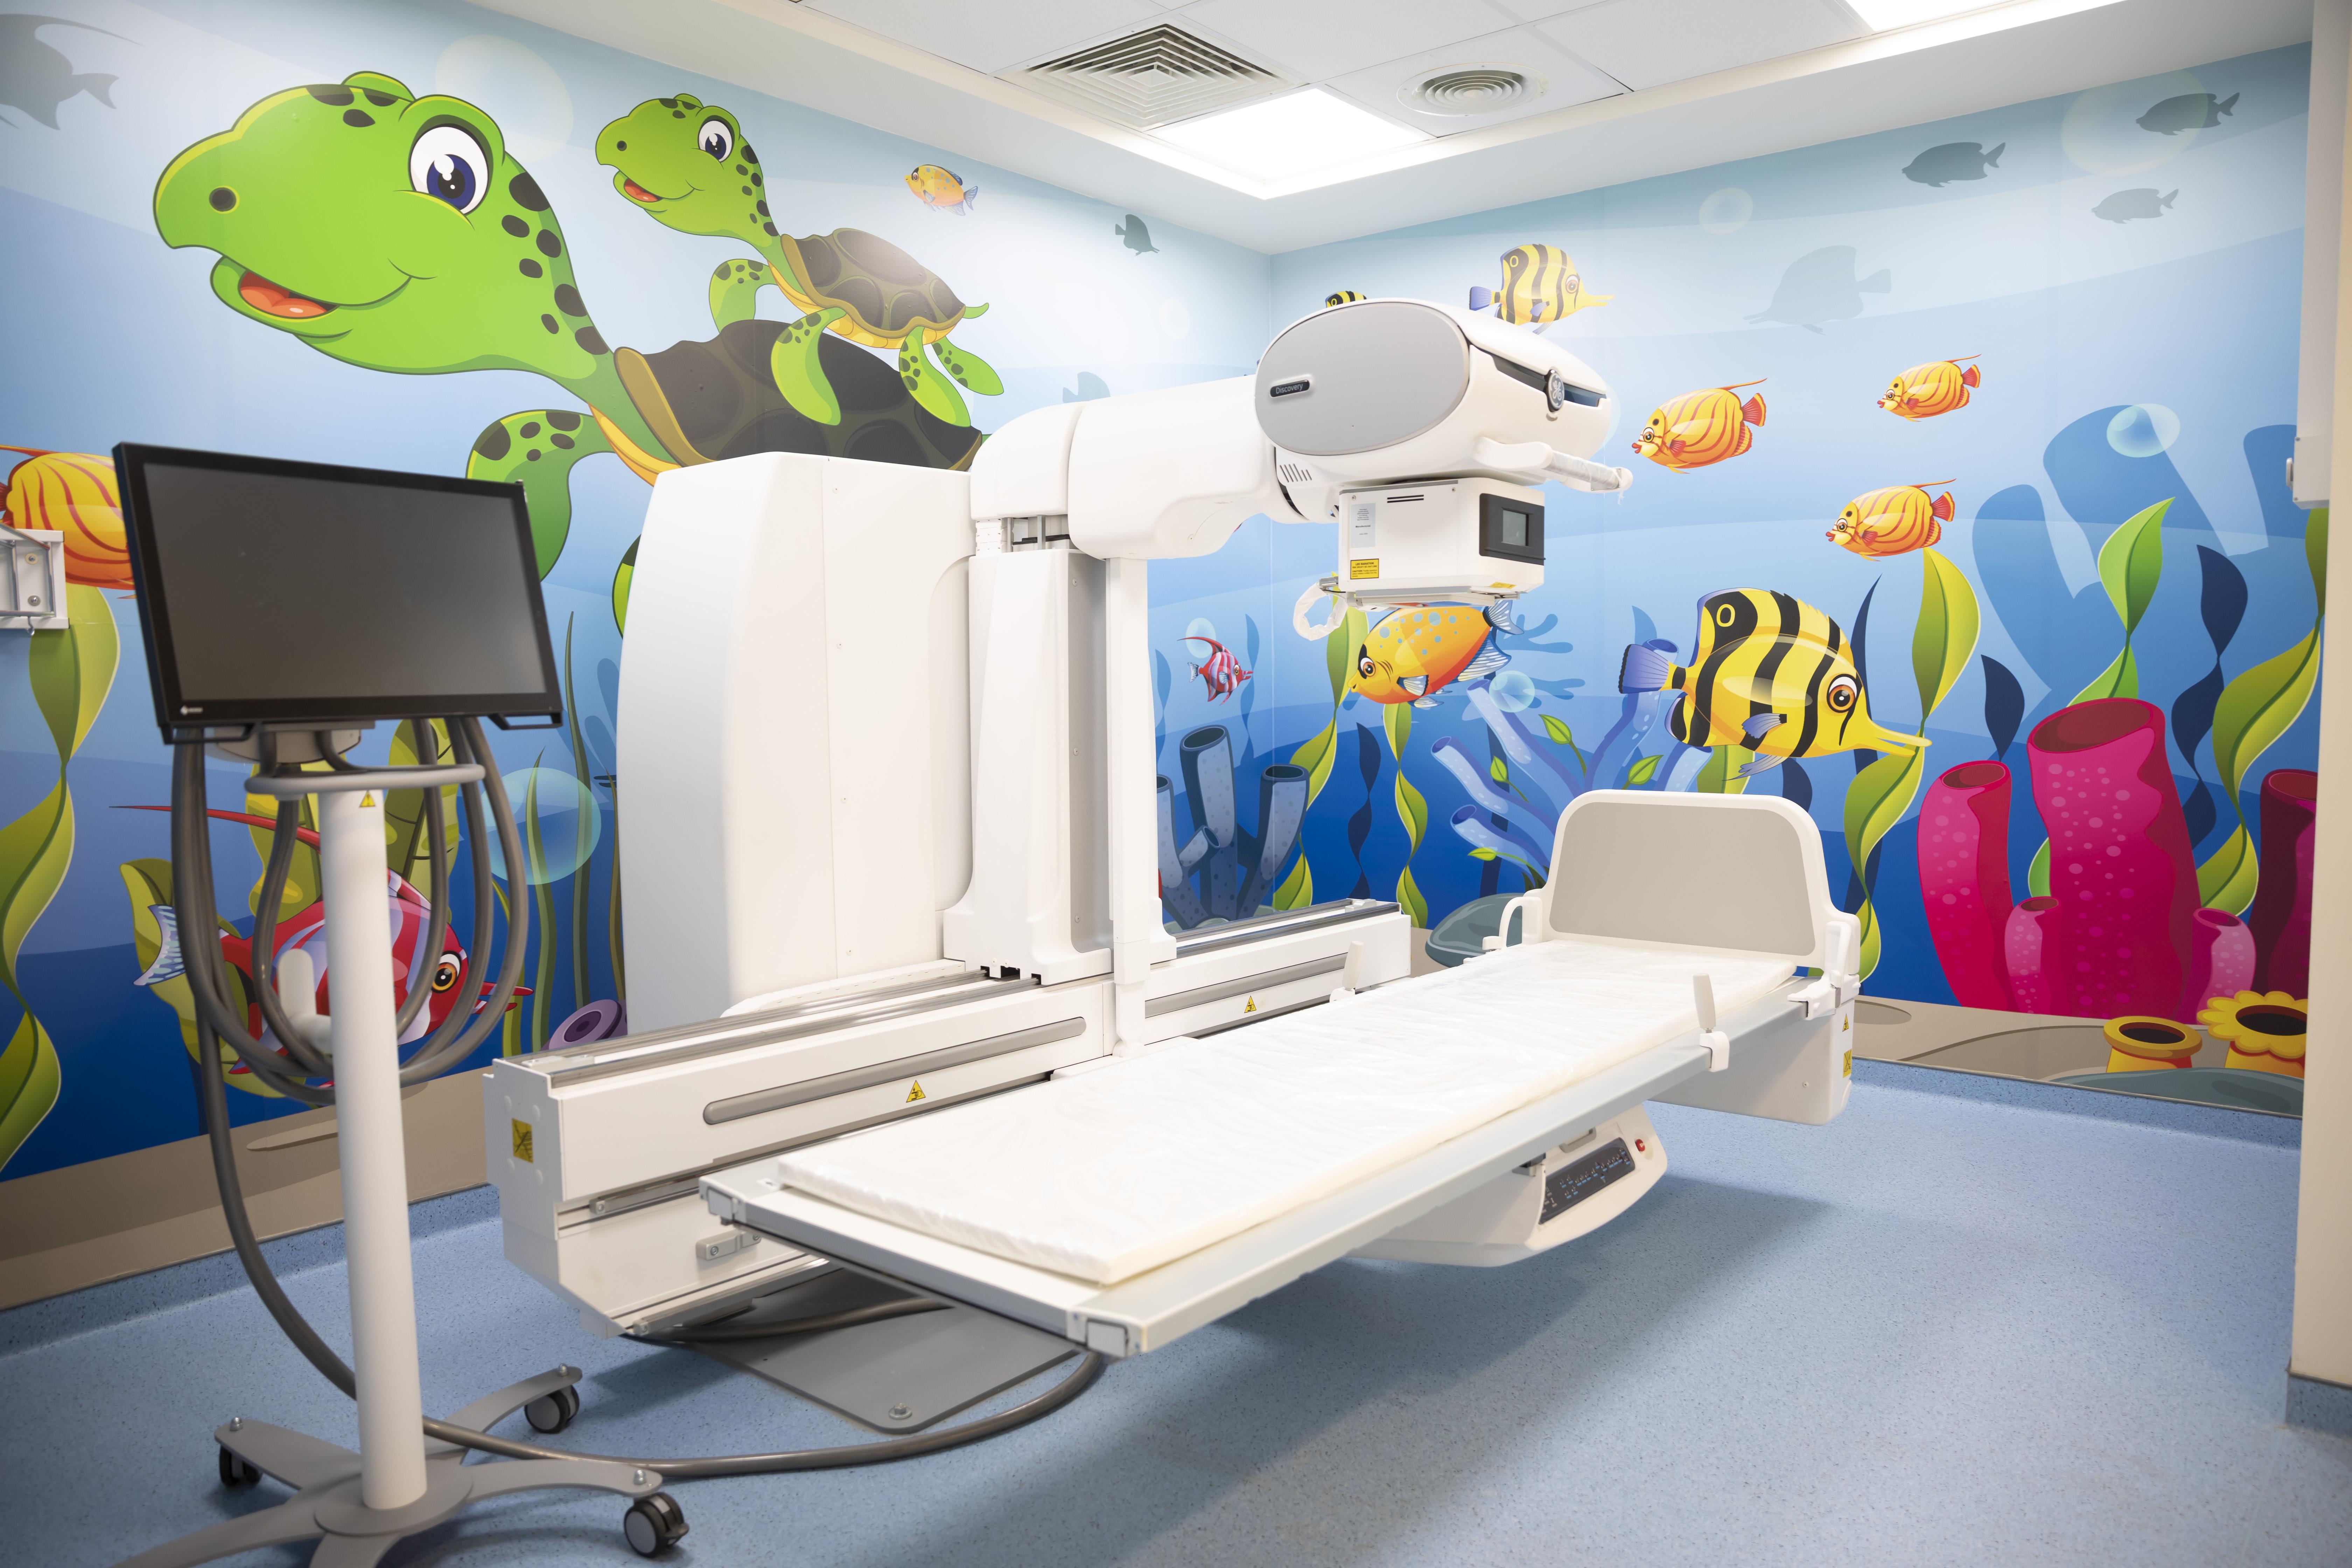 افتتاح مستشفى الشيخة فاطمة بنت مبارك لطب وجراحة الأطفال في كوسوفو